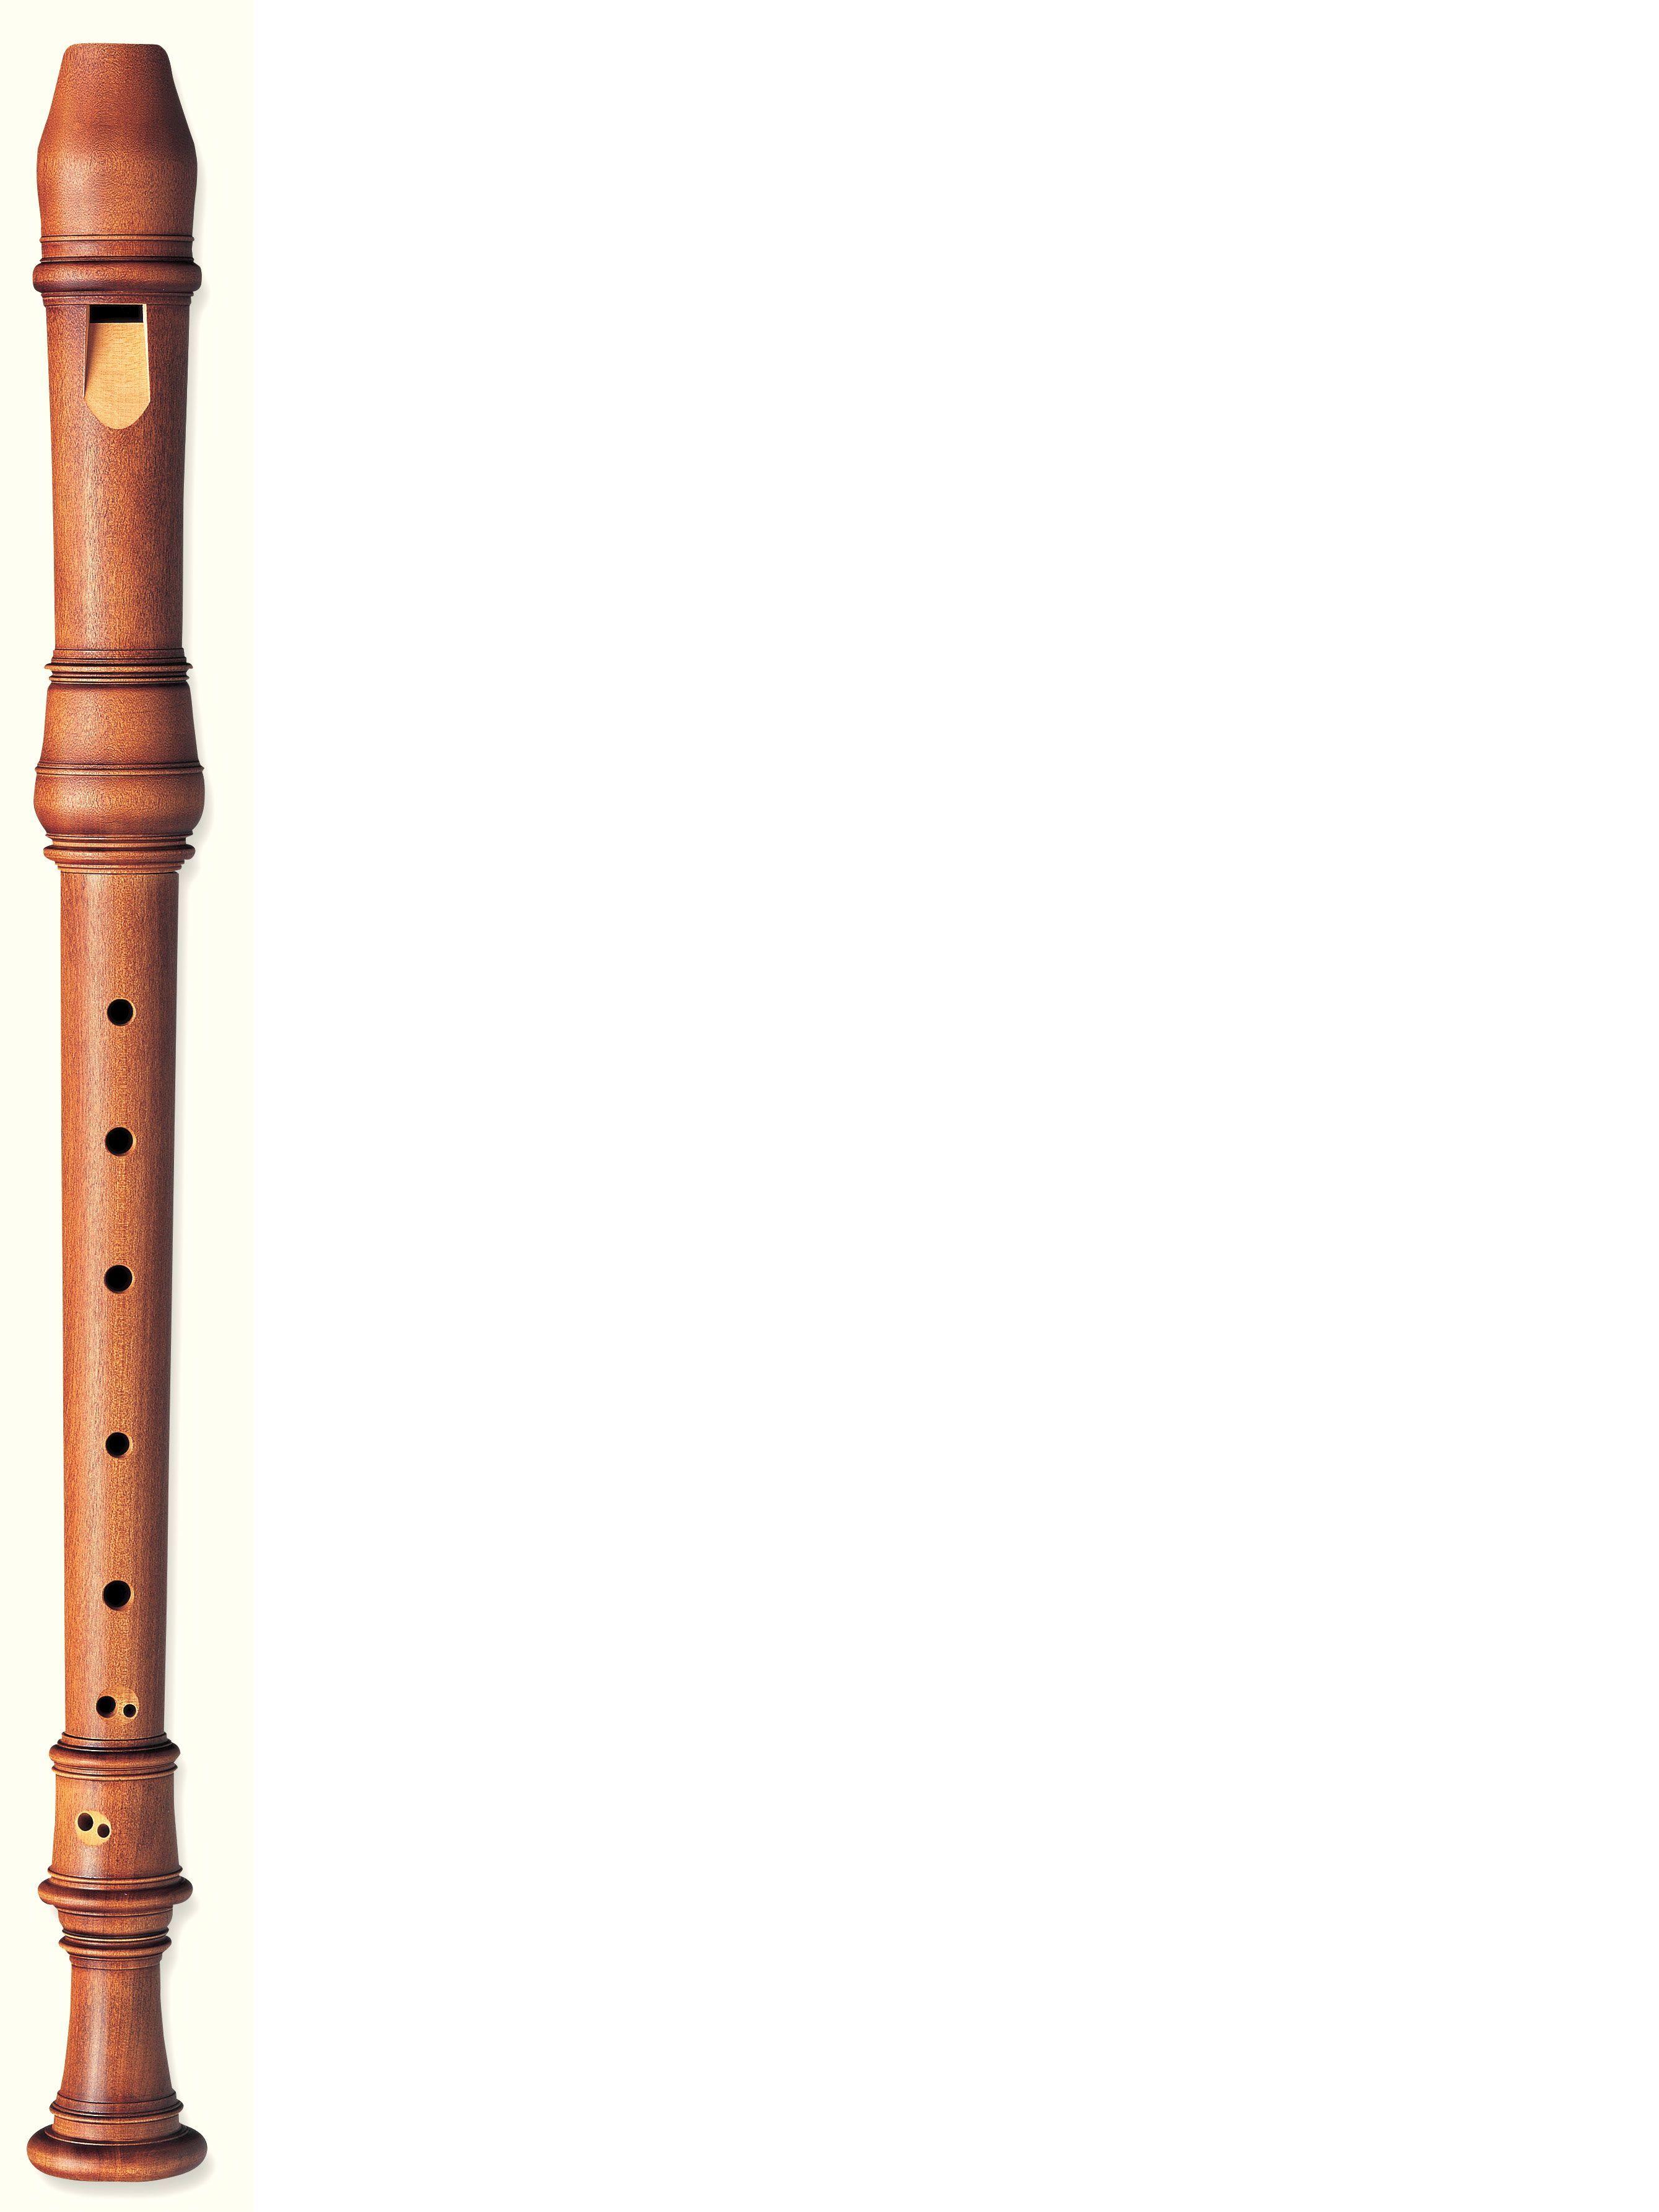 Flauta Alto de pico YAMAHA modelo YRA 901